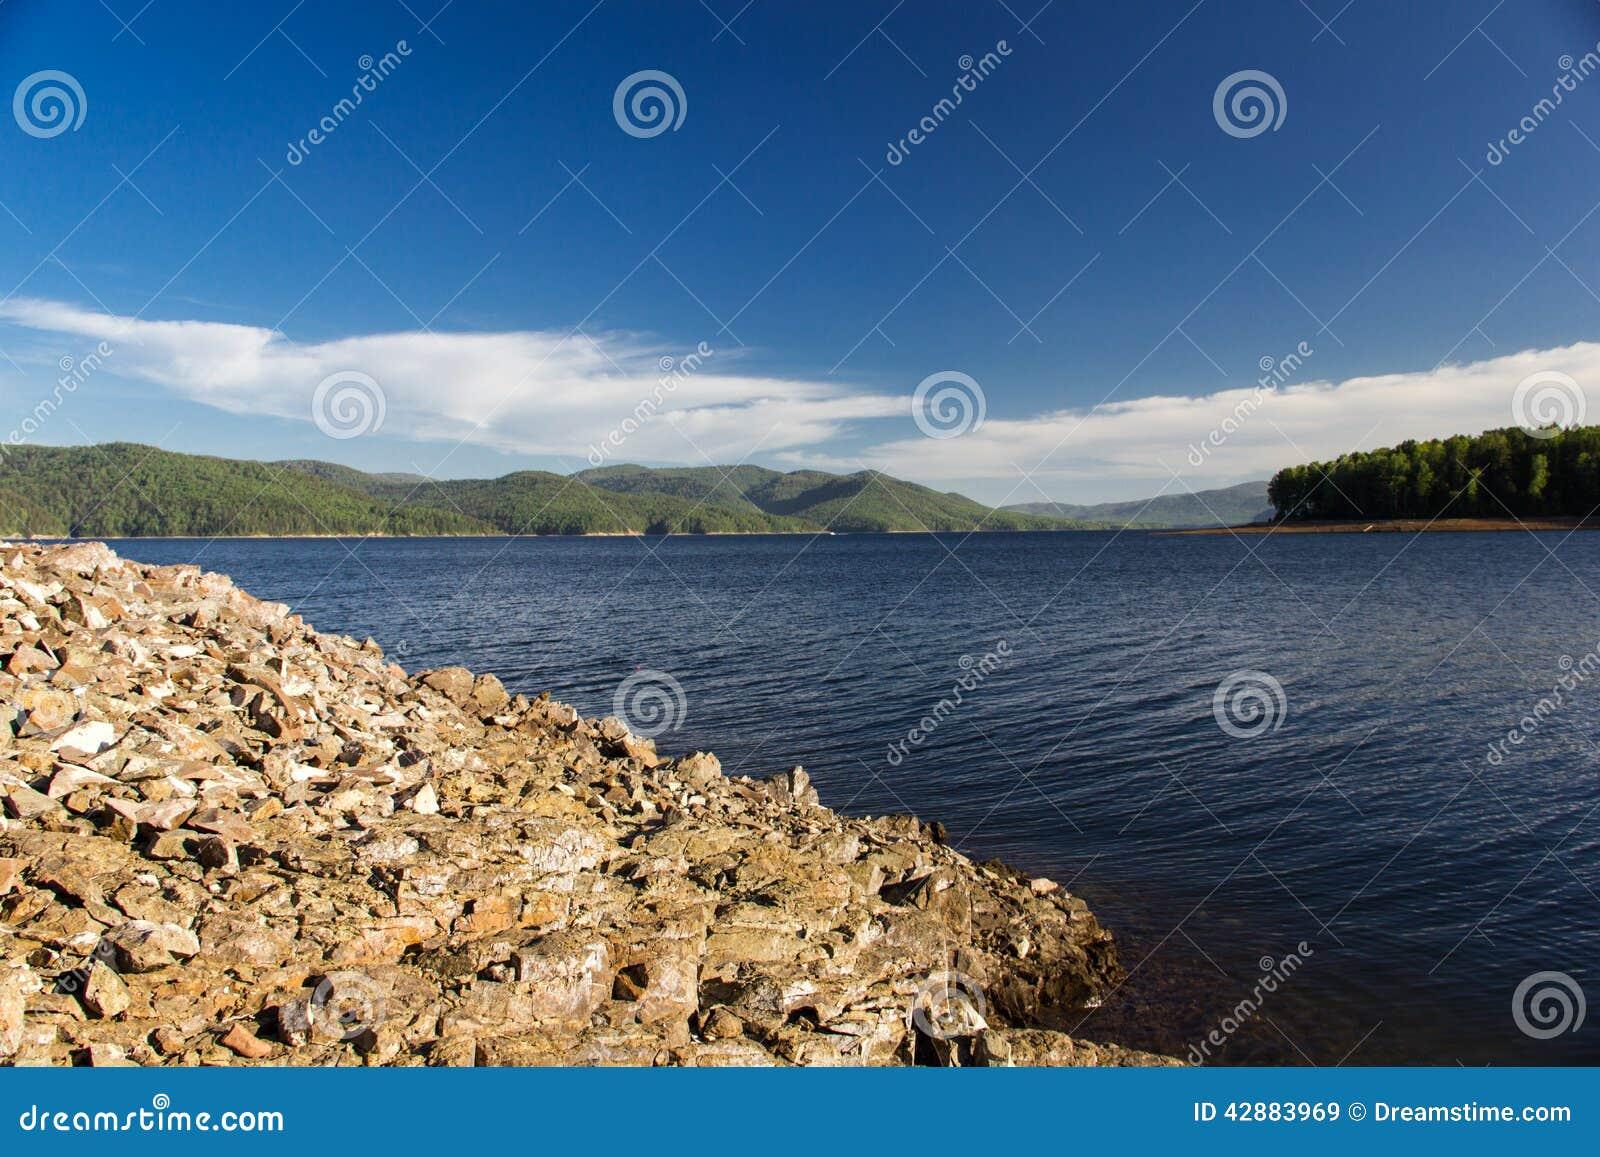 Steine auf dem Enisey-Fluss